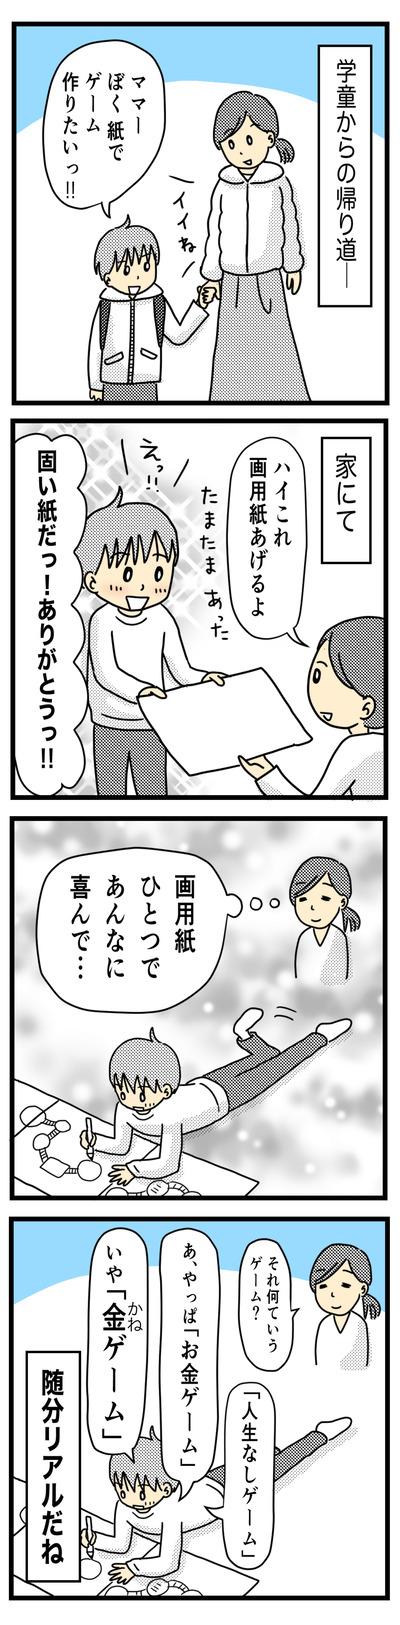 221みーくんのゲーム(1才半〜2才)